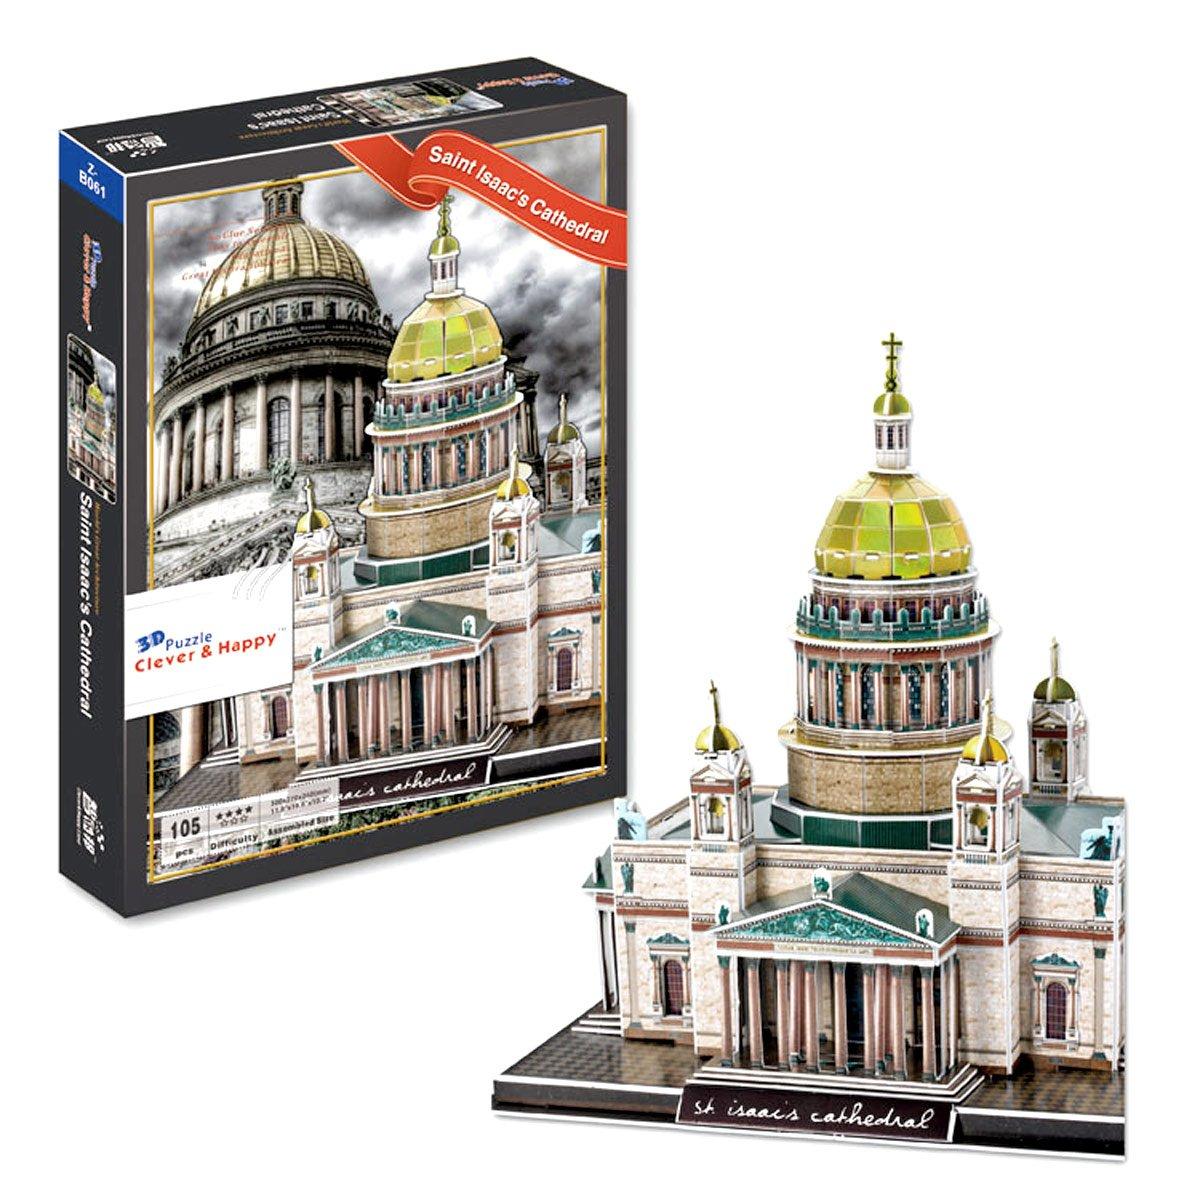 Saint Isaacs大聖堂3dパズル Saint、105ピース B014IT49CI B014IT49CI, JEUNEEN LIGNE:d66ea3c9 --- m2cweb.com